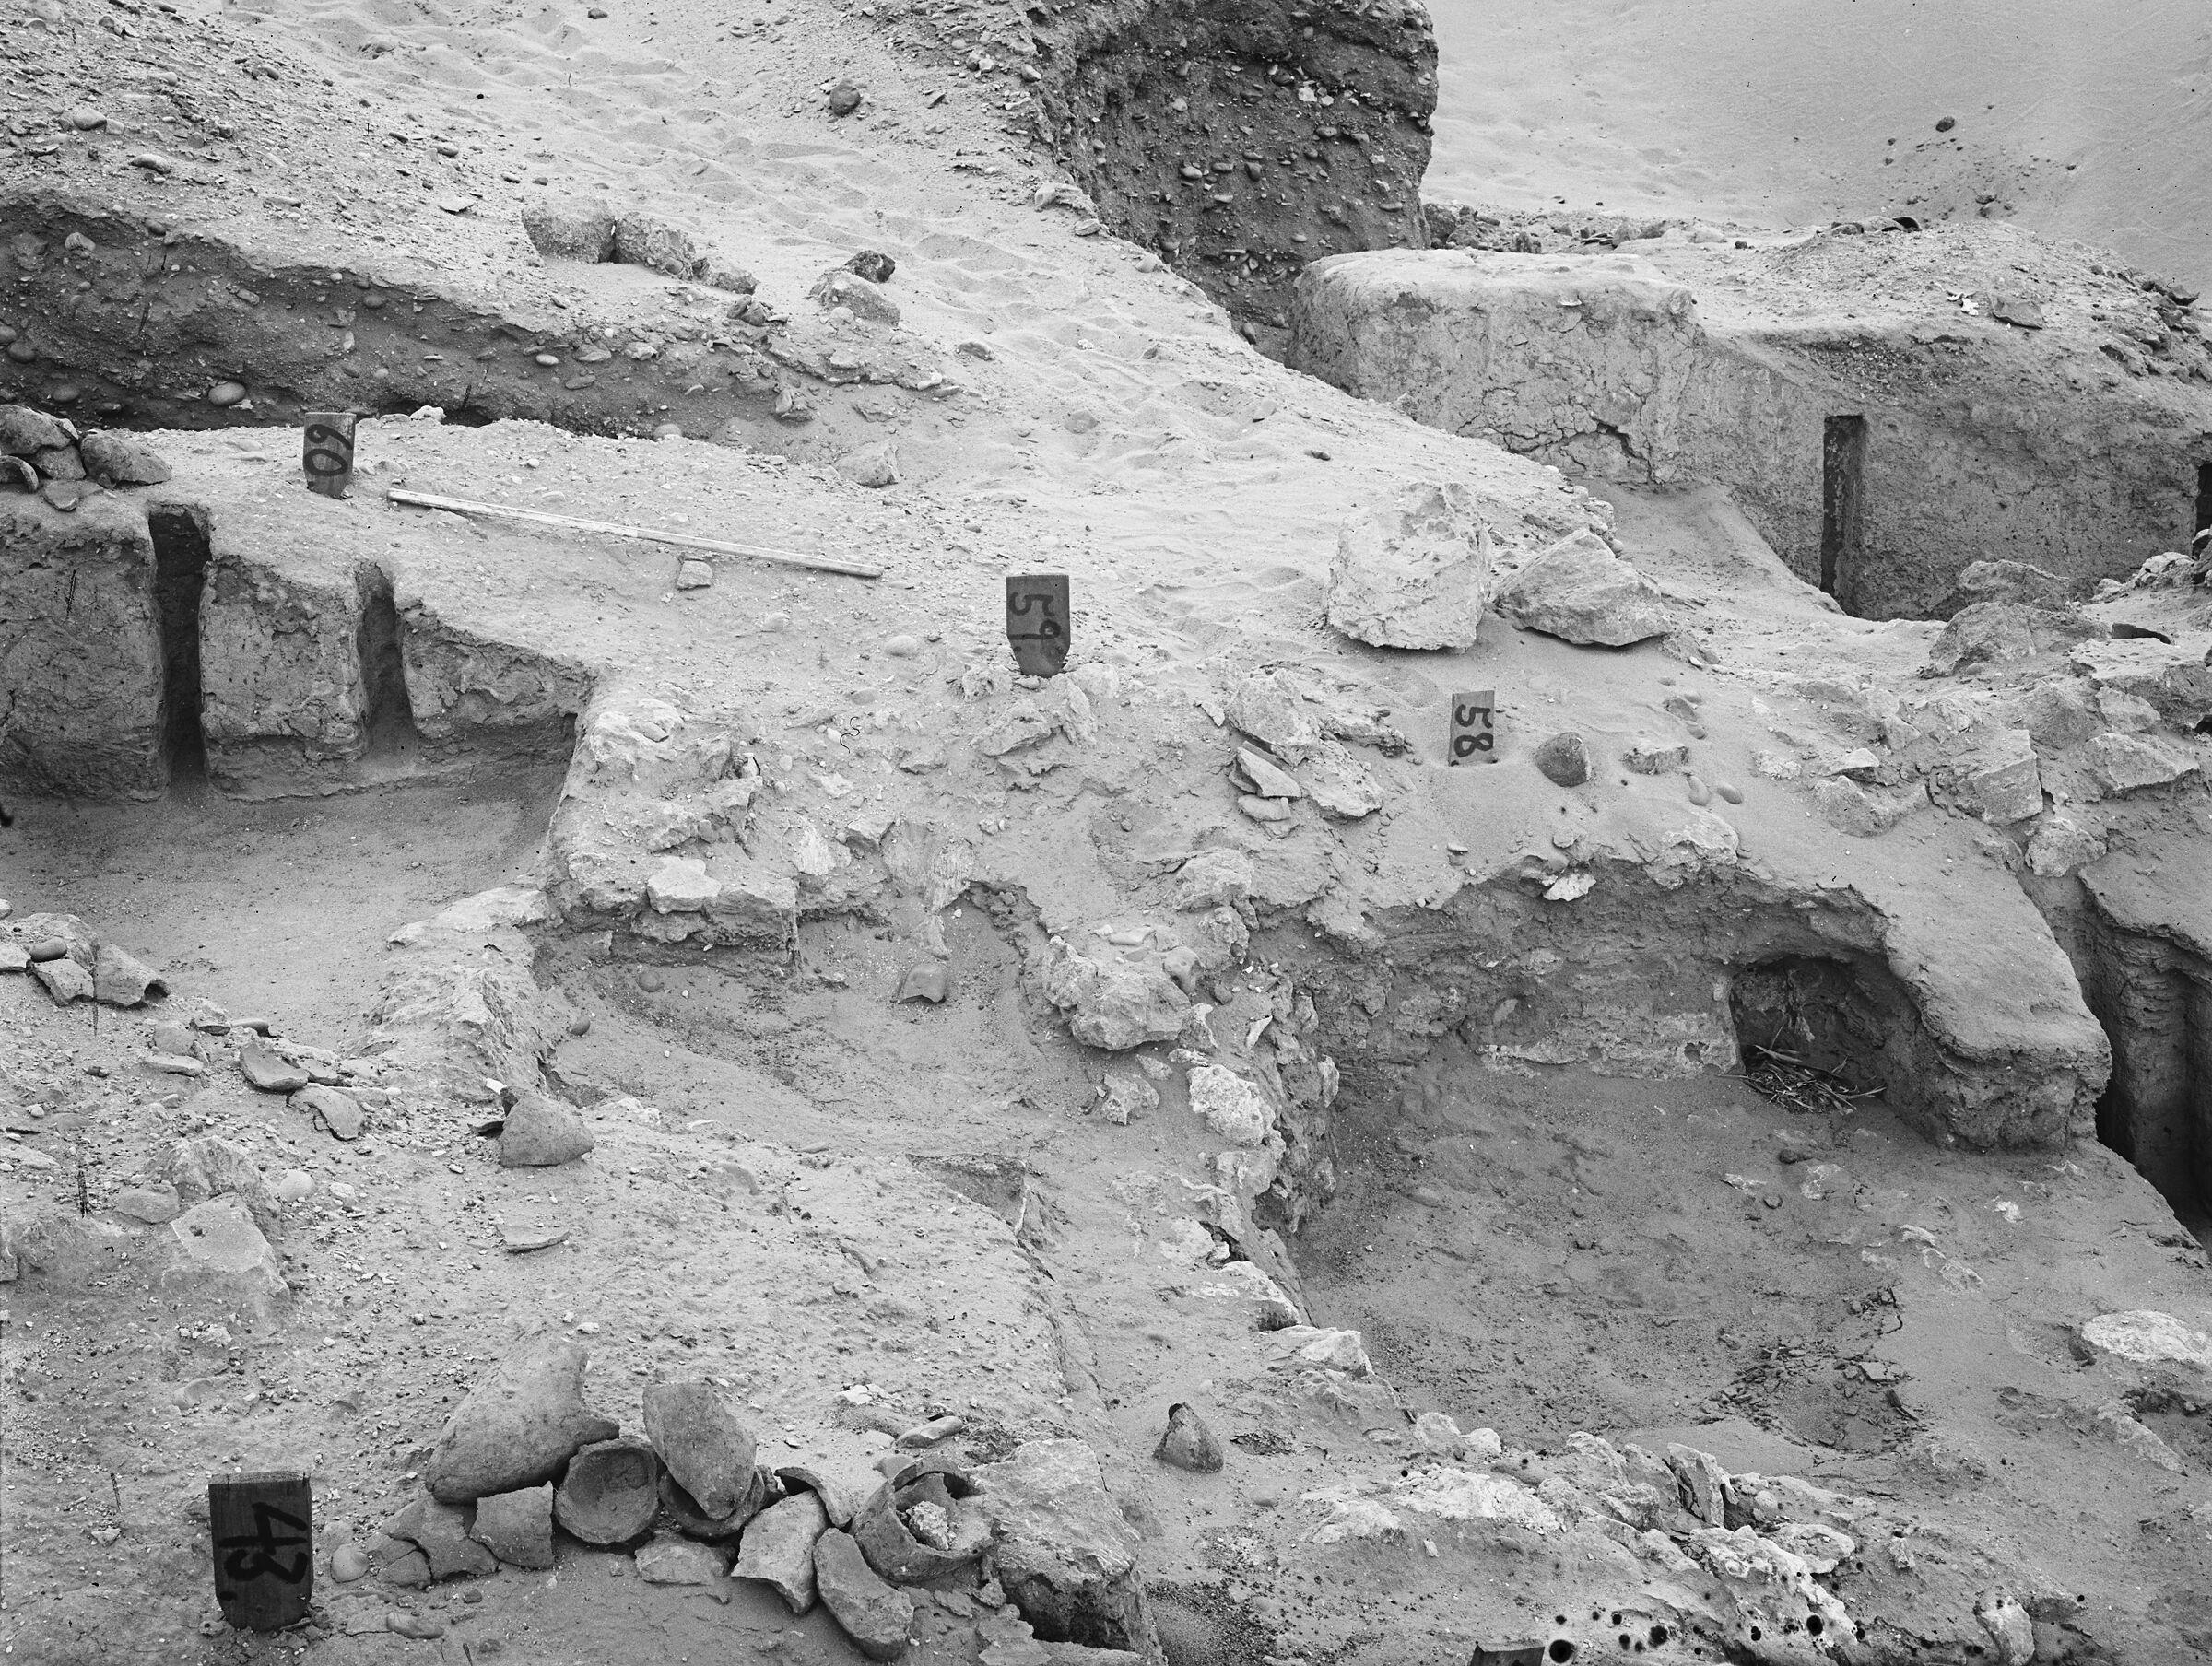 Wadi Cemetery (Reisner; north of W. Cem): Site: Giza; View: GW 43, GW 58, GW 59, GW 60, GW 62, GW 63